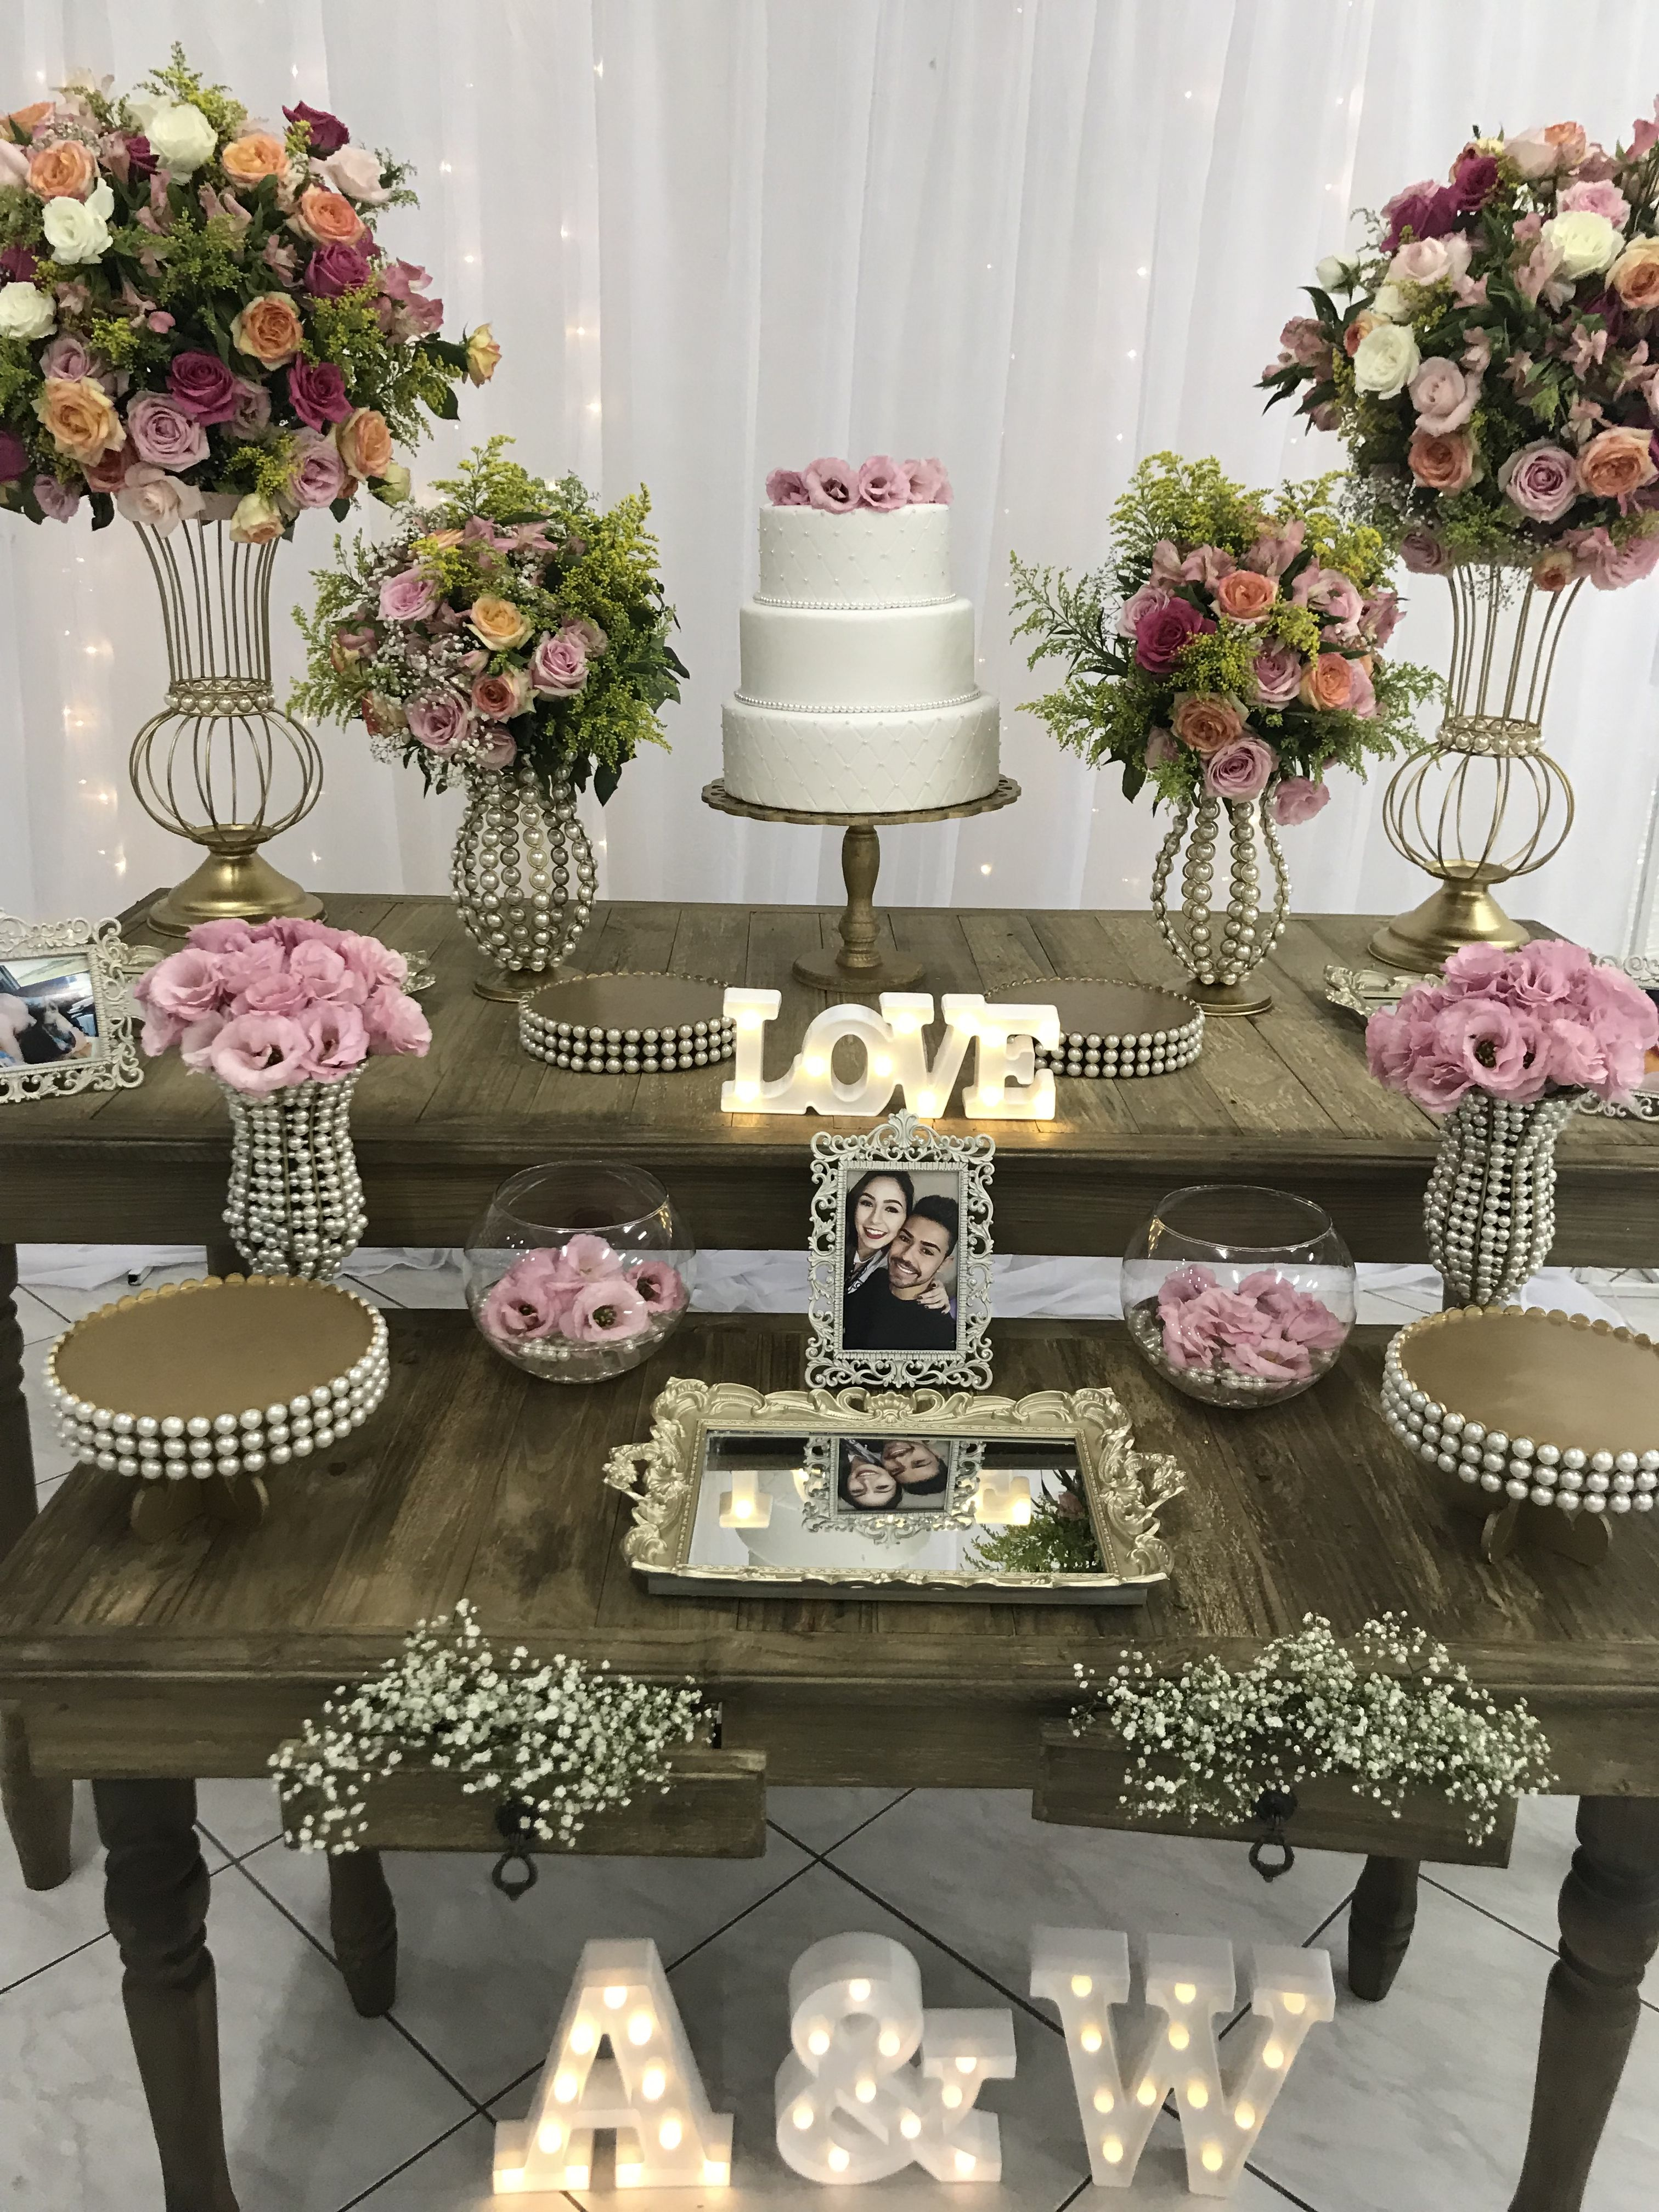 Tema Casamento Simples Decoraç u00e3o Escritório da Arte Empresa Sorocaba SP casamento em 2019  # Fotos Decoração De Igreja Para Casamento Simples